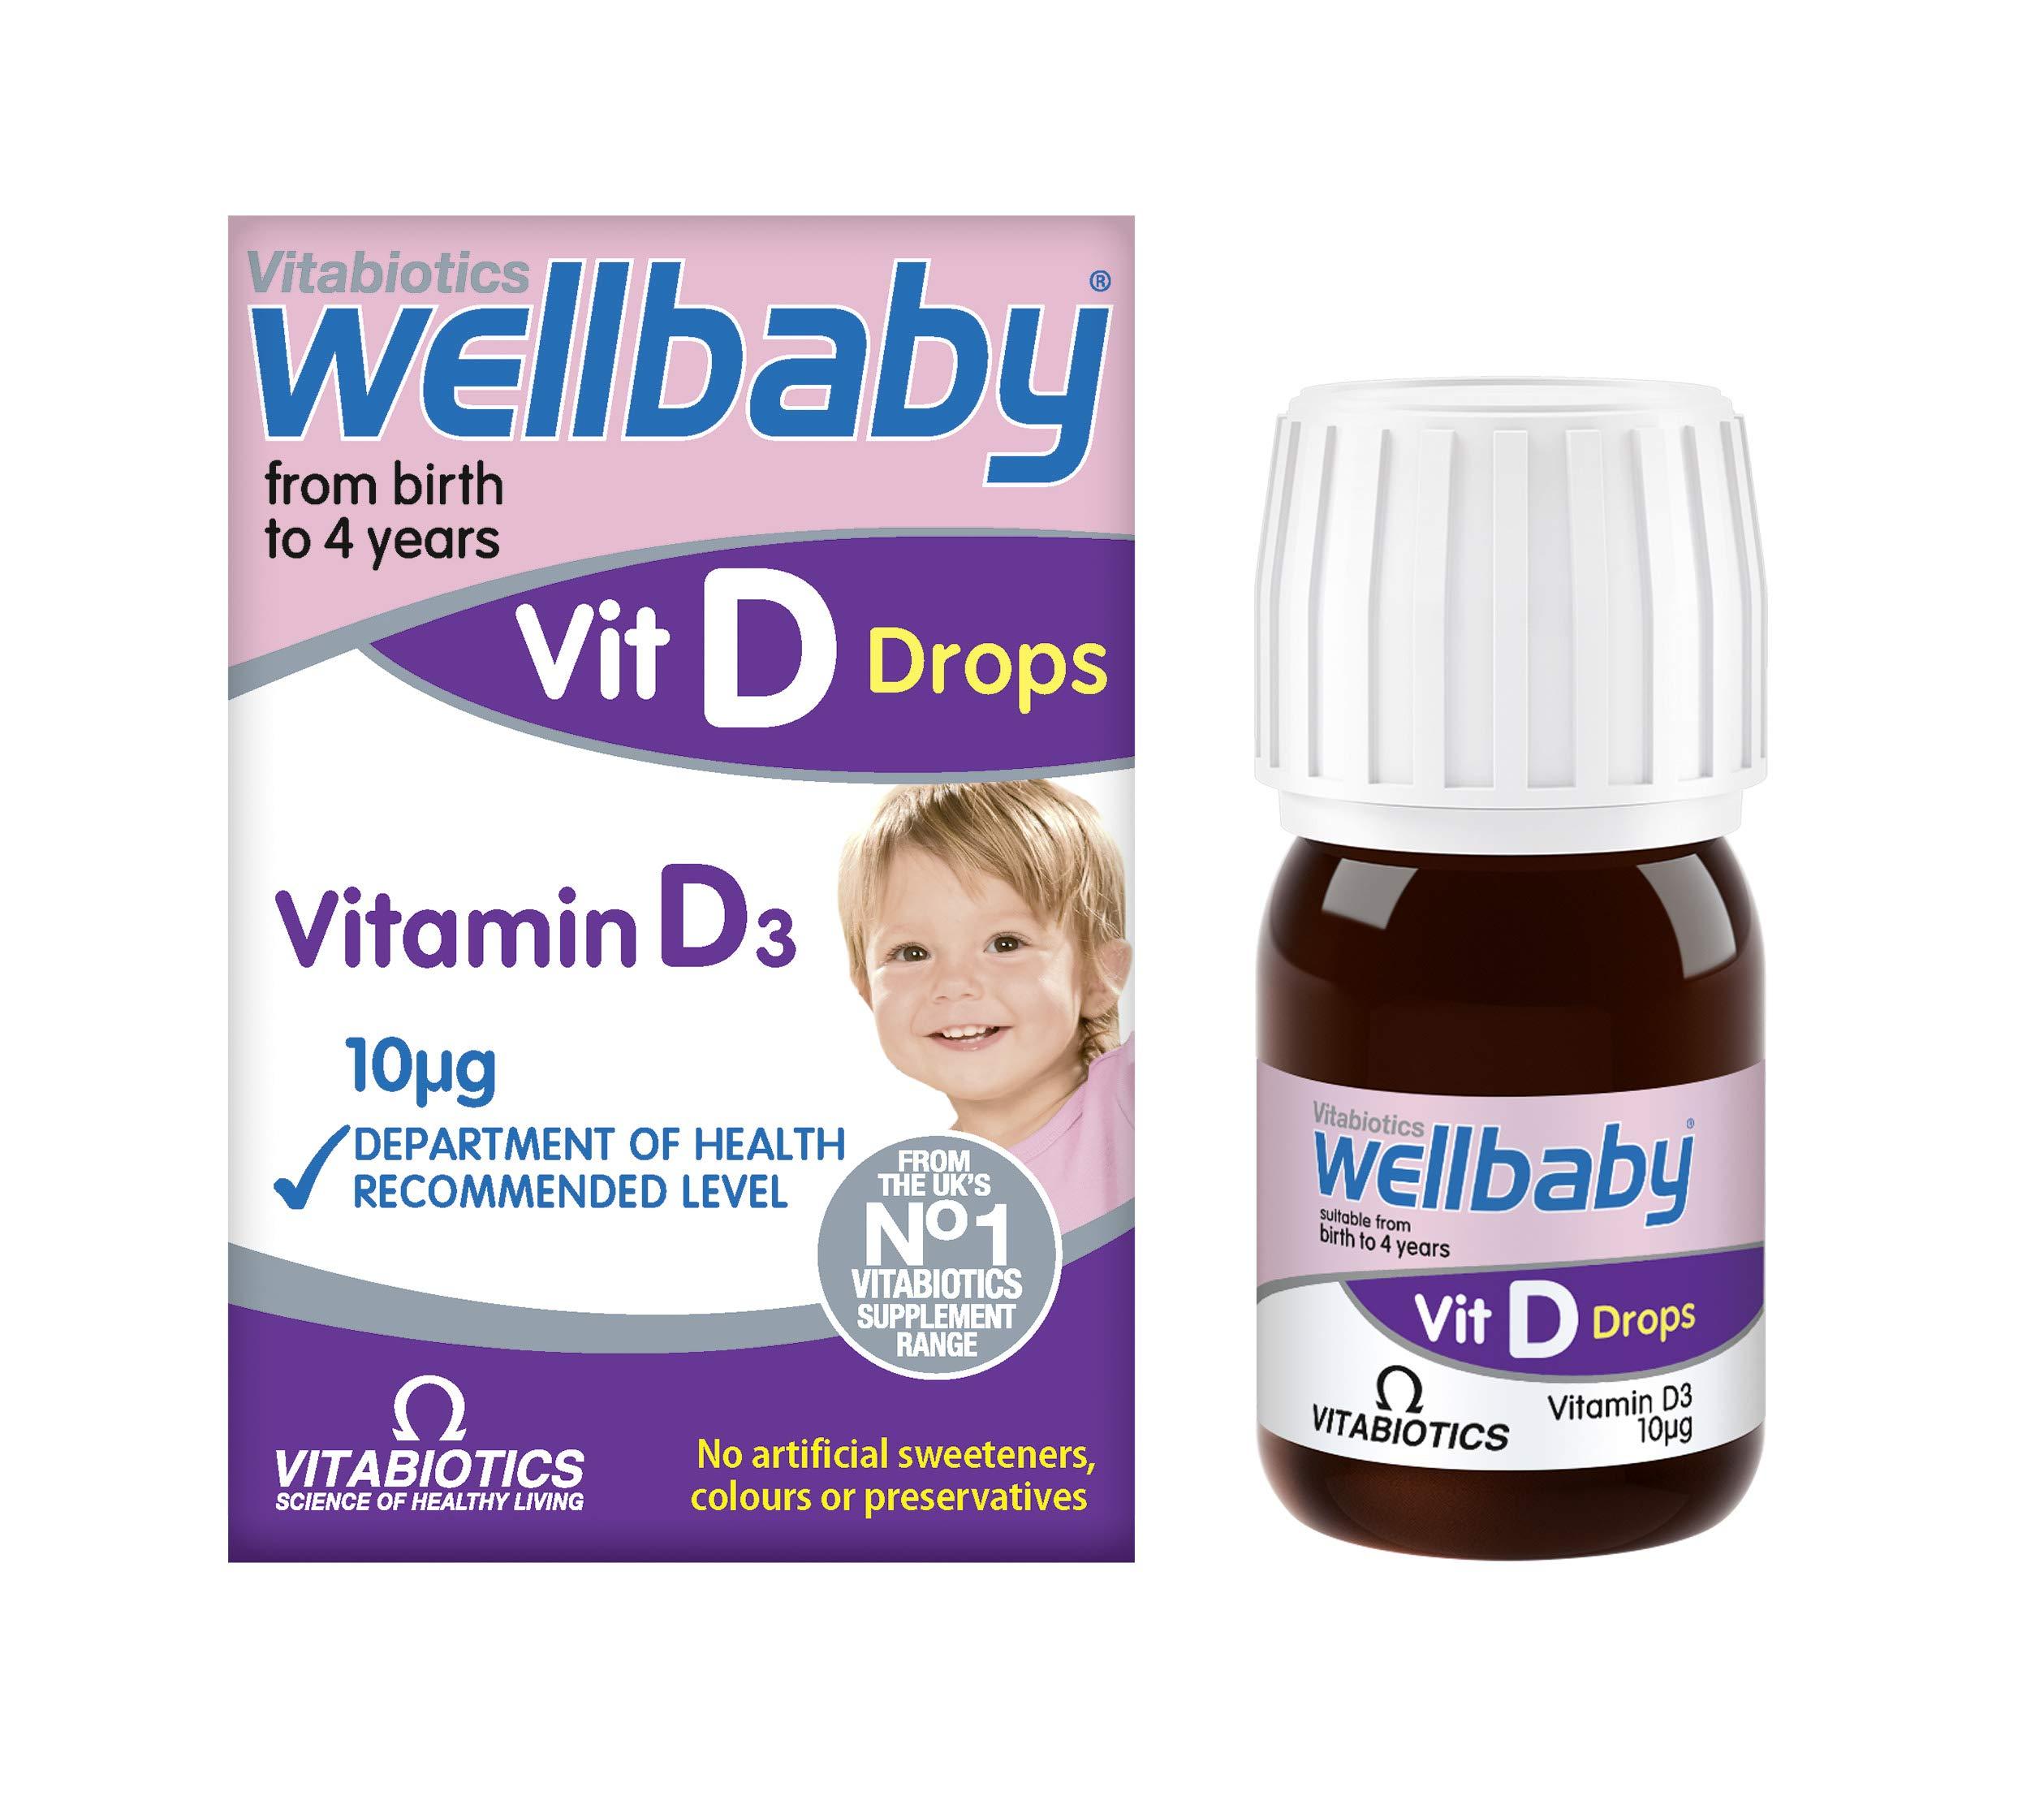 Vitabiotics Wellbaby Vit D Drops - 30 ml